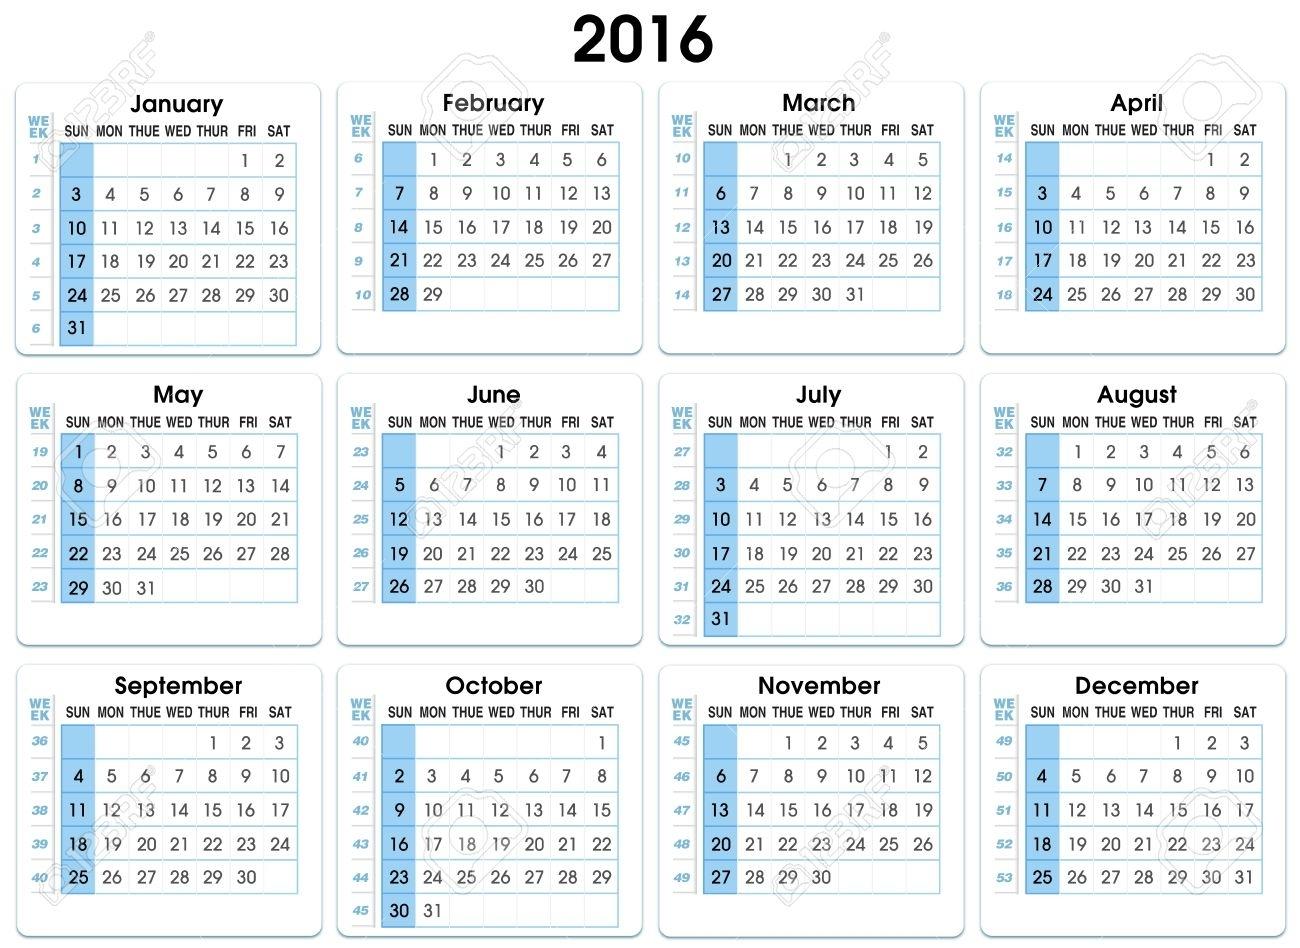 Calendario 2016 12 Meses, Indicando Número Semana 2016 Calendario Con  Números De Semana